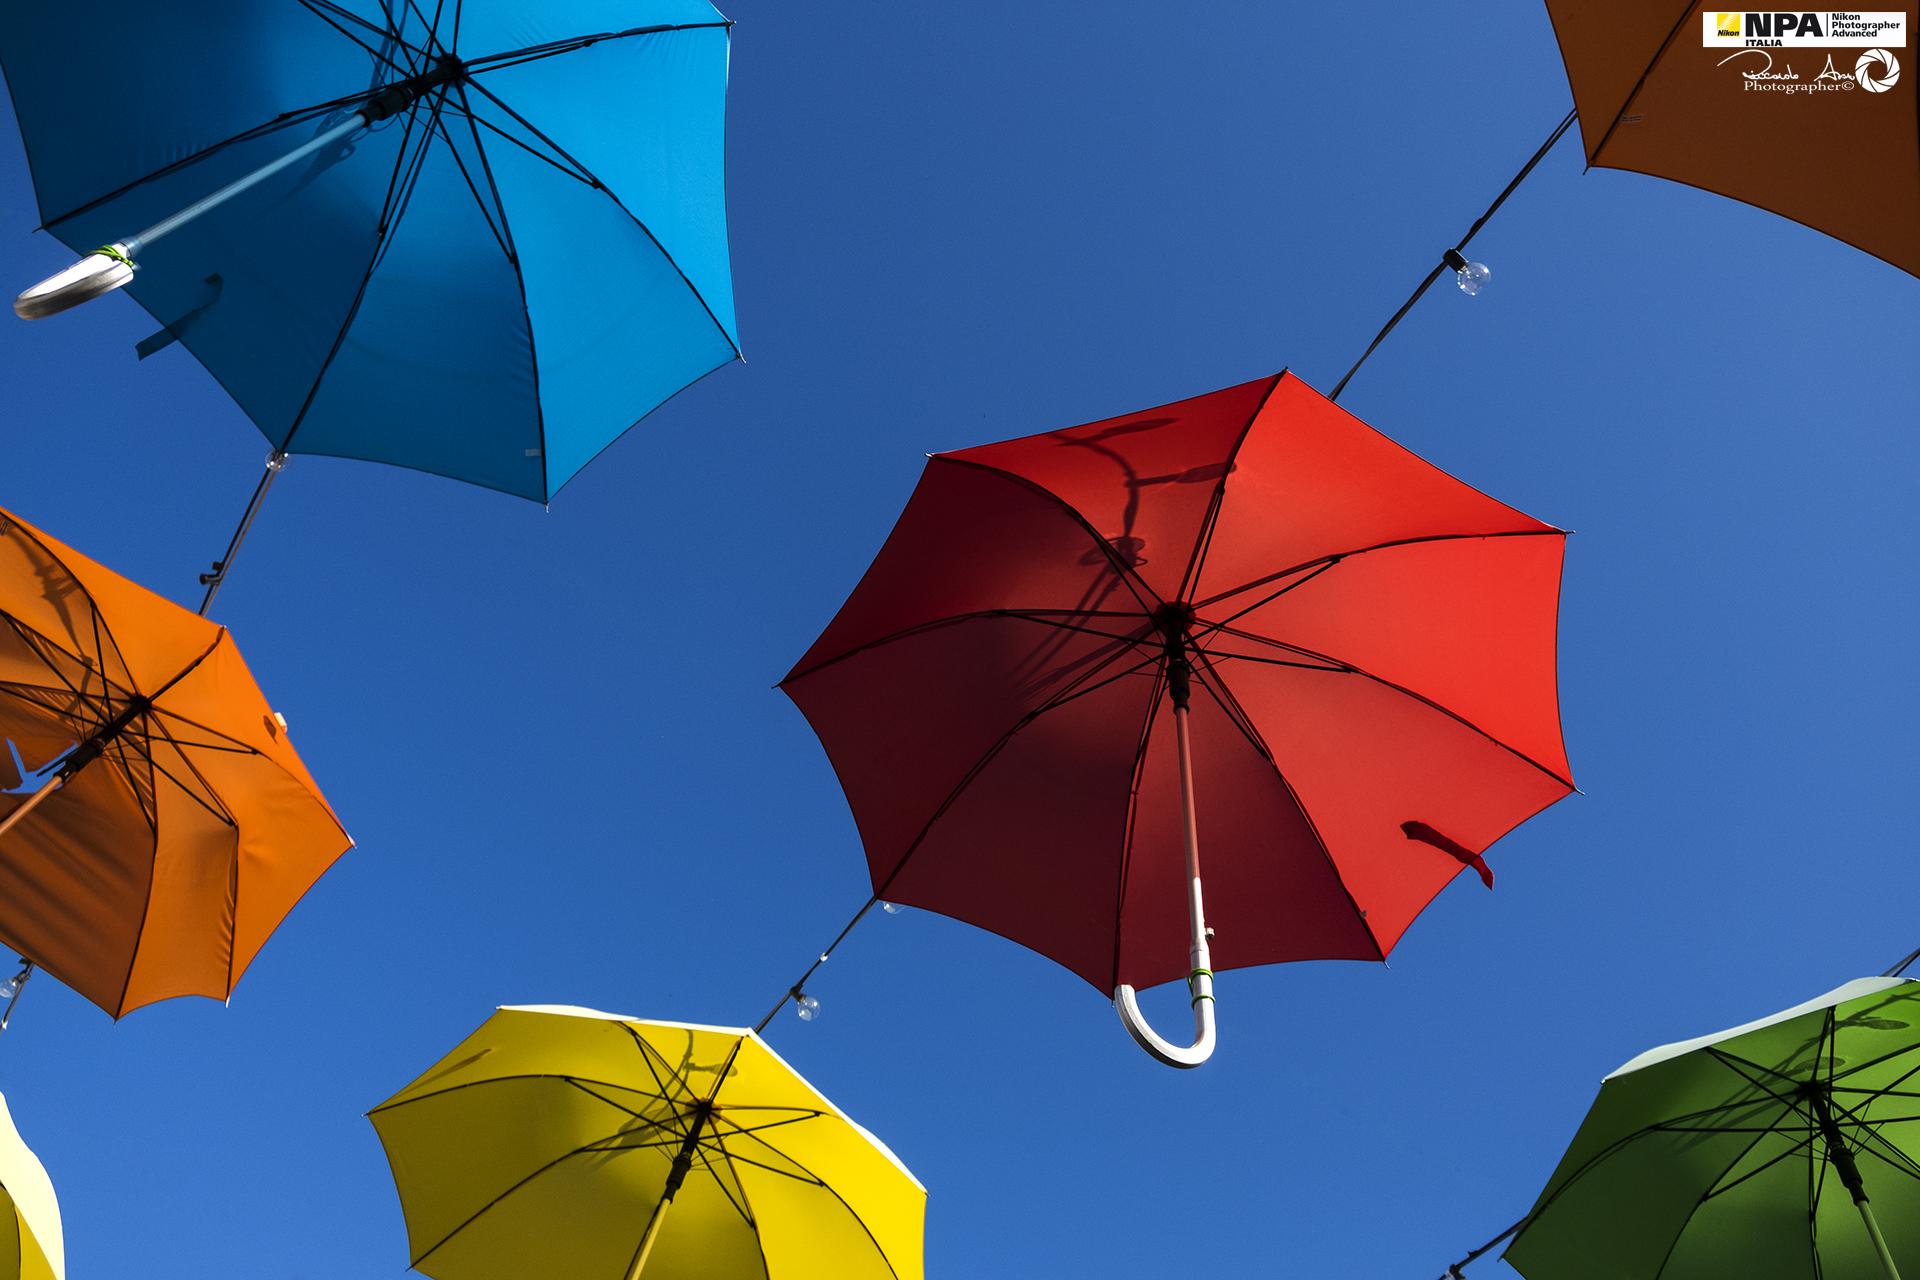 Umbrellas & Colors...